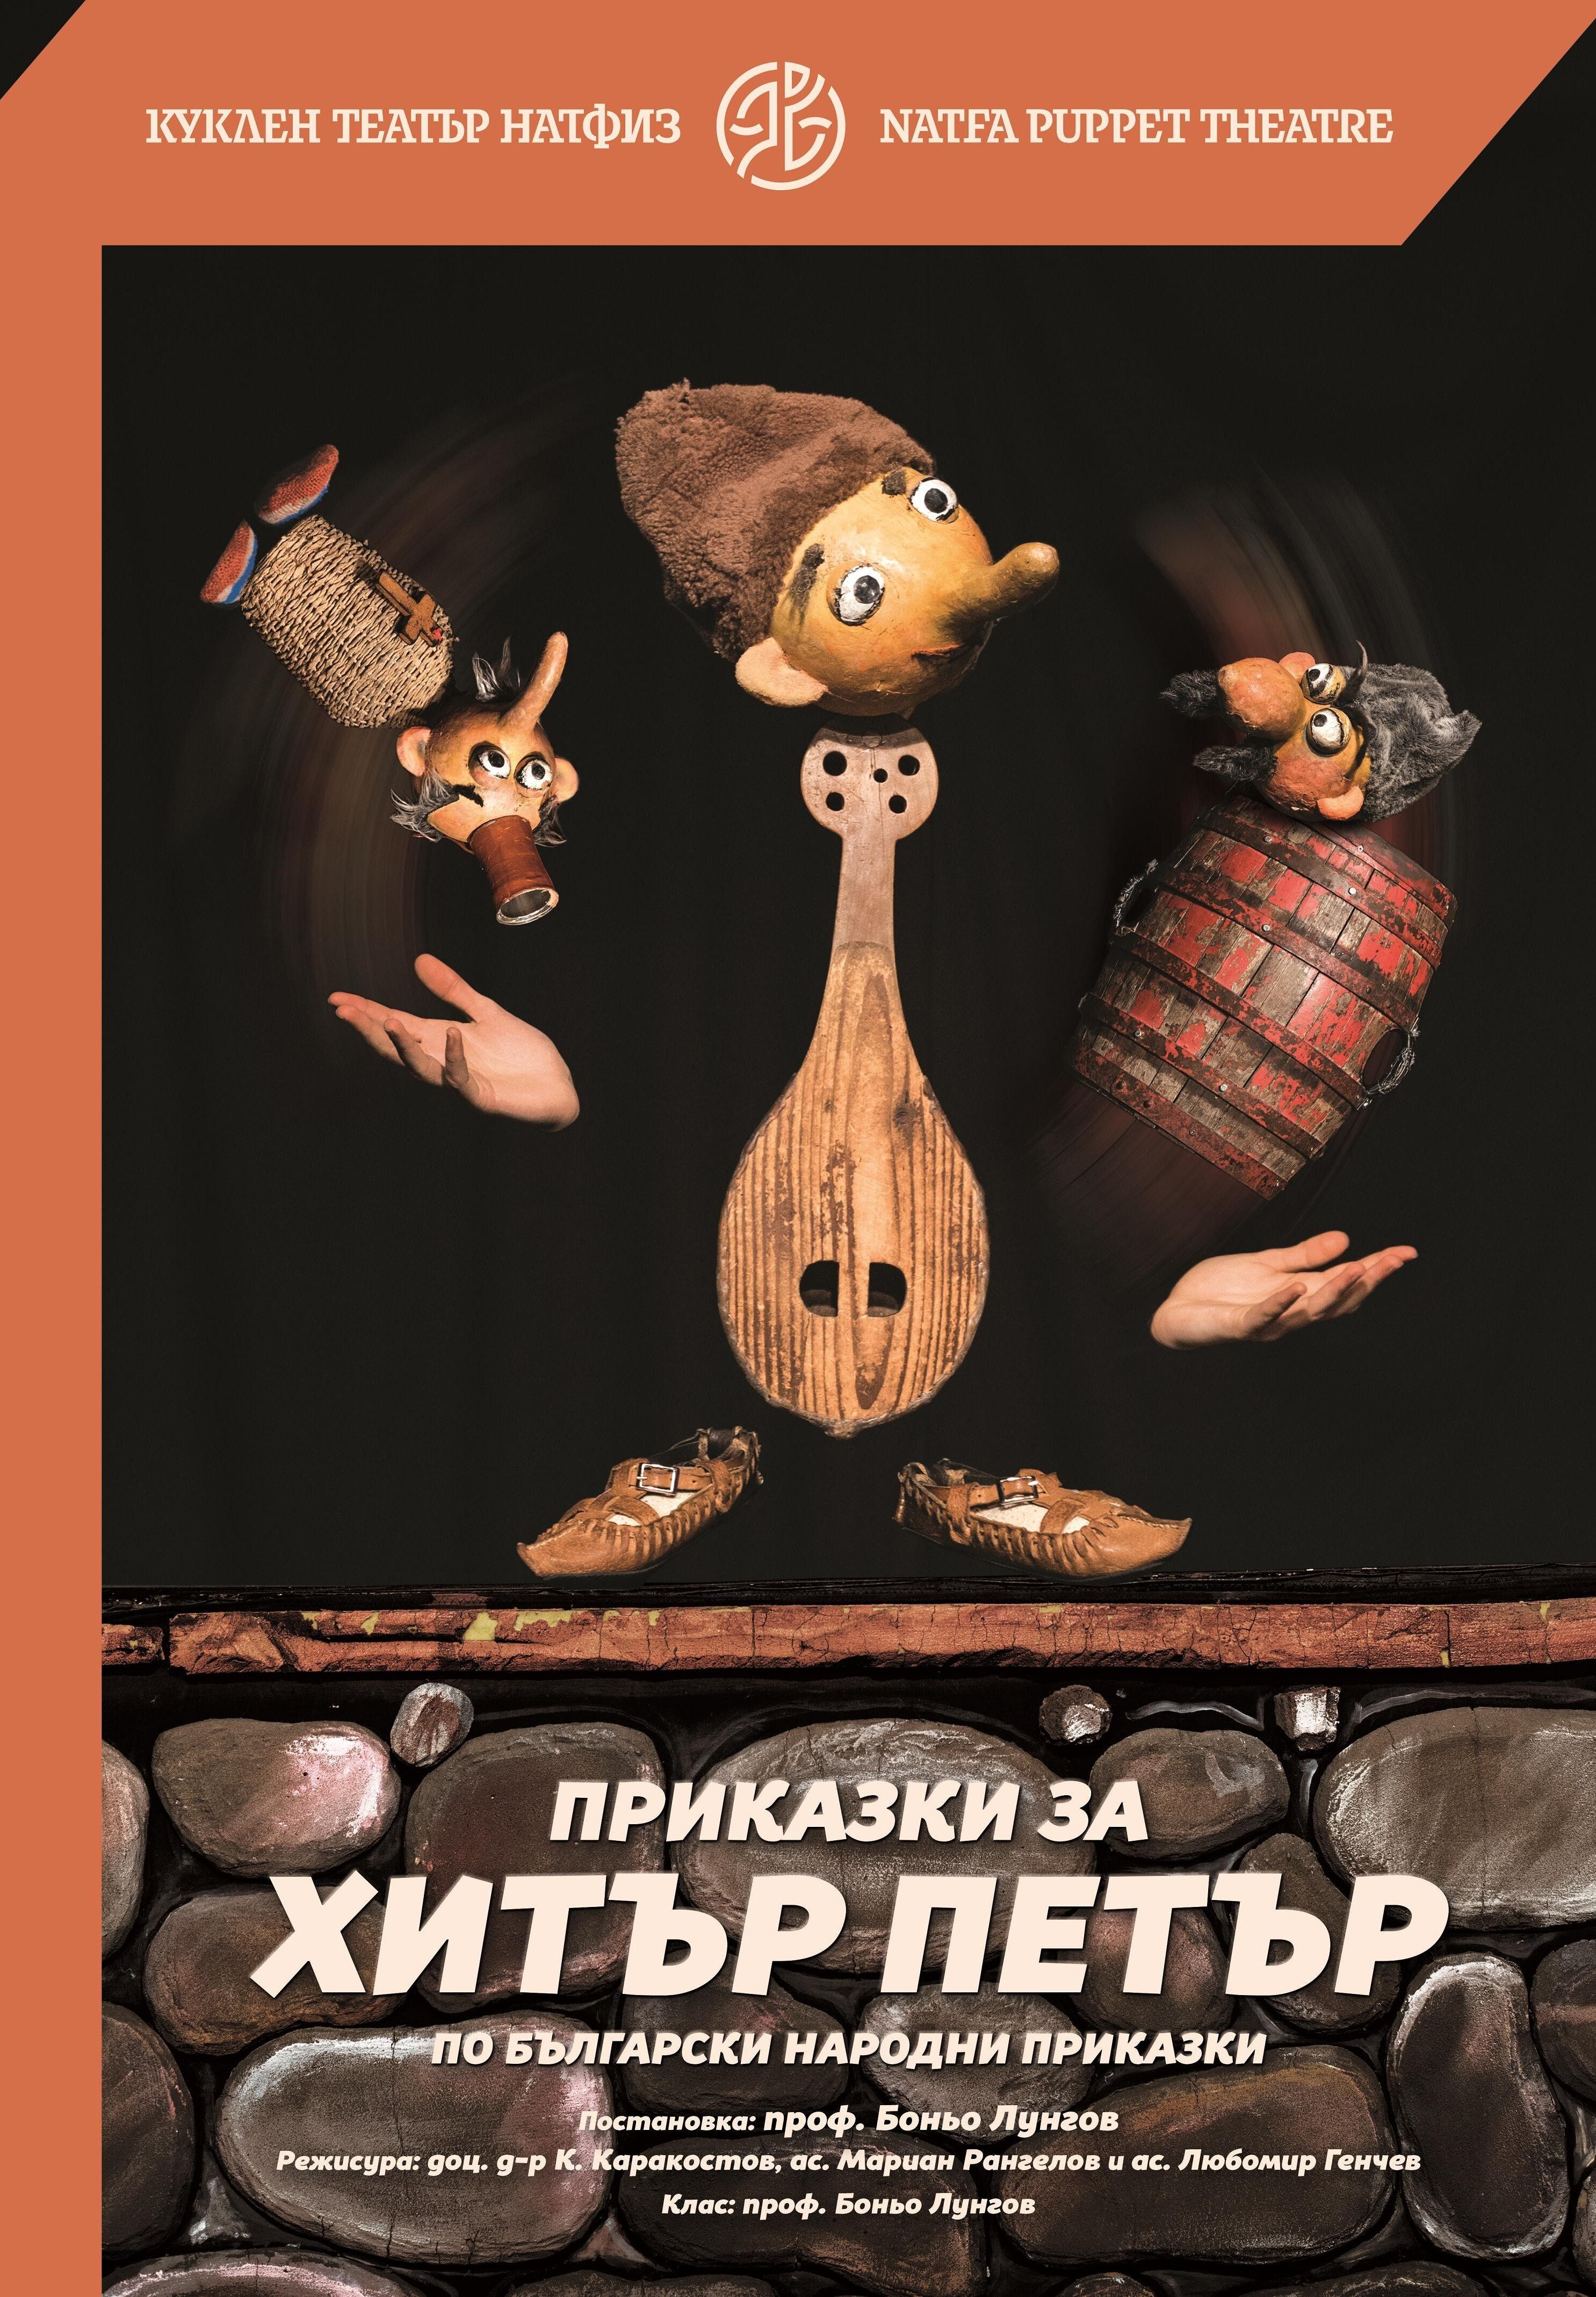 """Очаквайте на сцената на Куклен театър НАТФИЗ… """"Приказки за Хитър Петър"""" и """"Момче и вятър"""""""